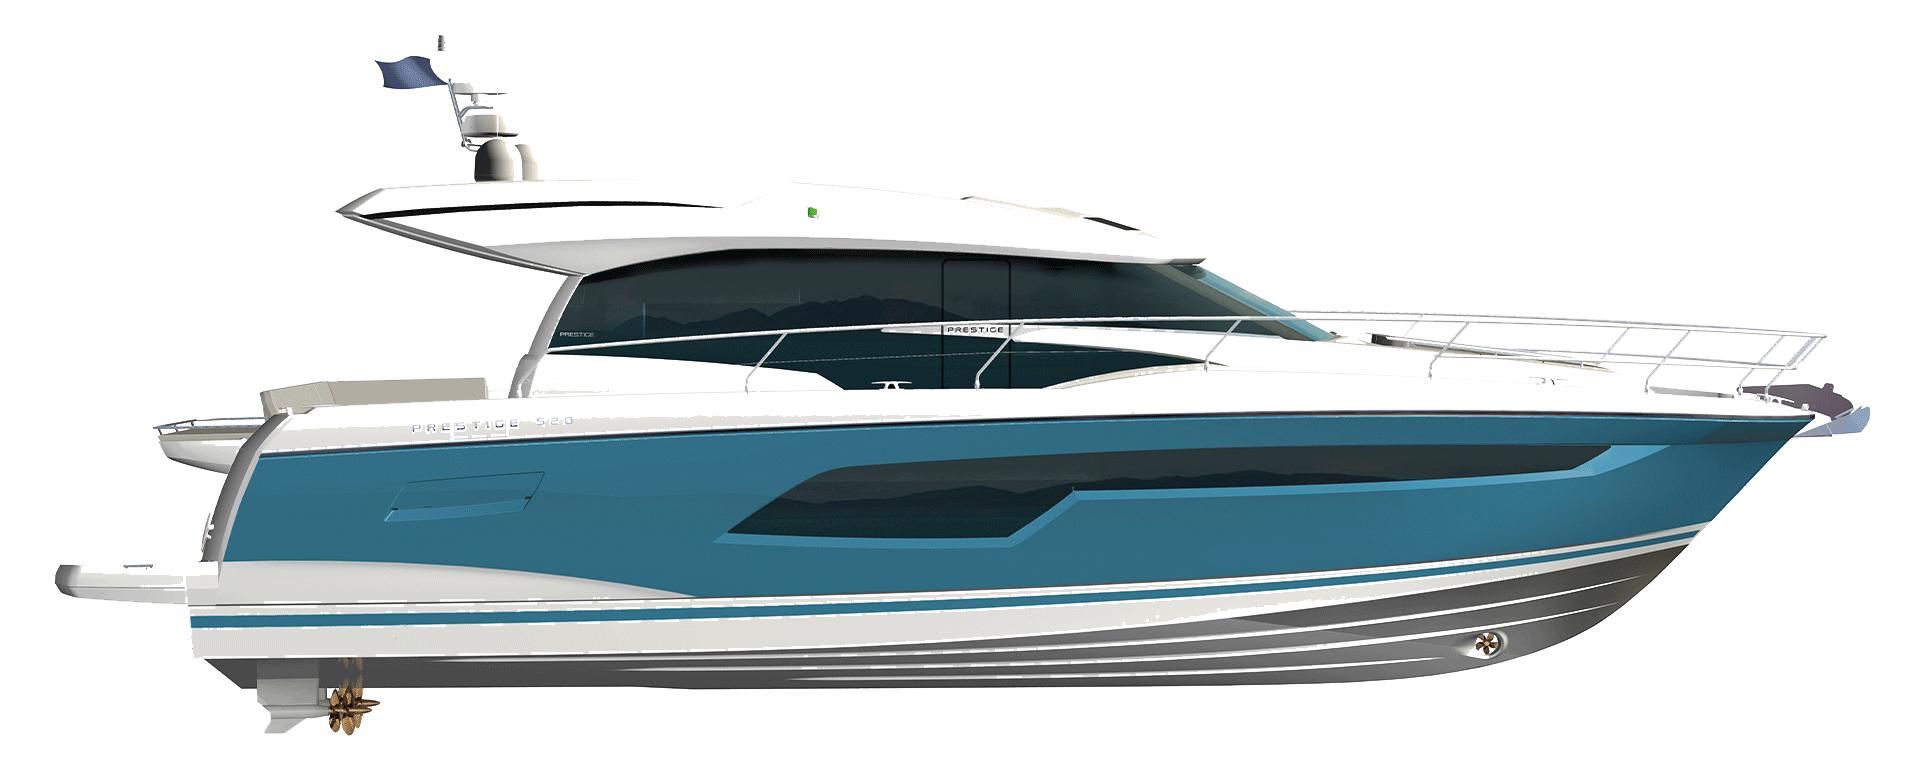 S-line 520